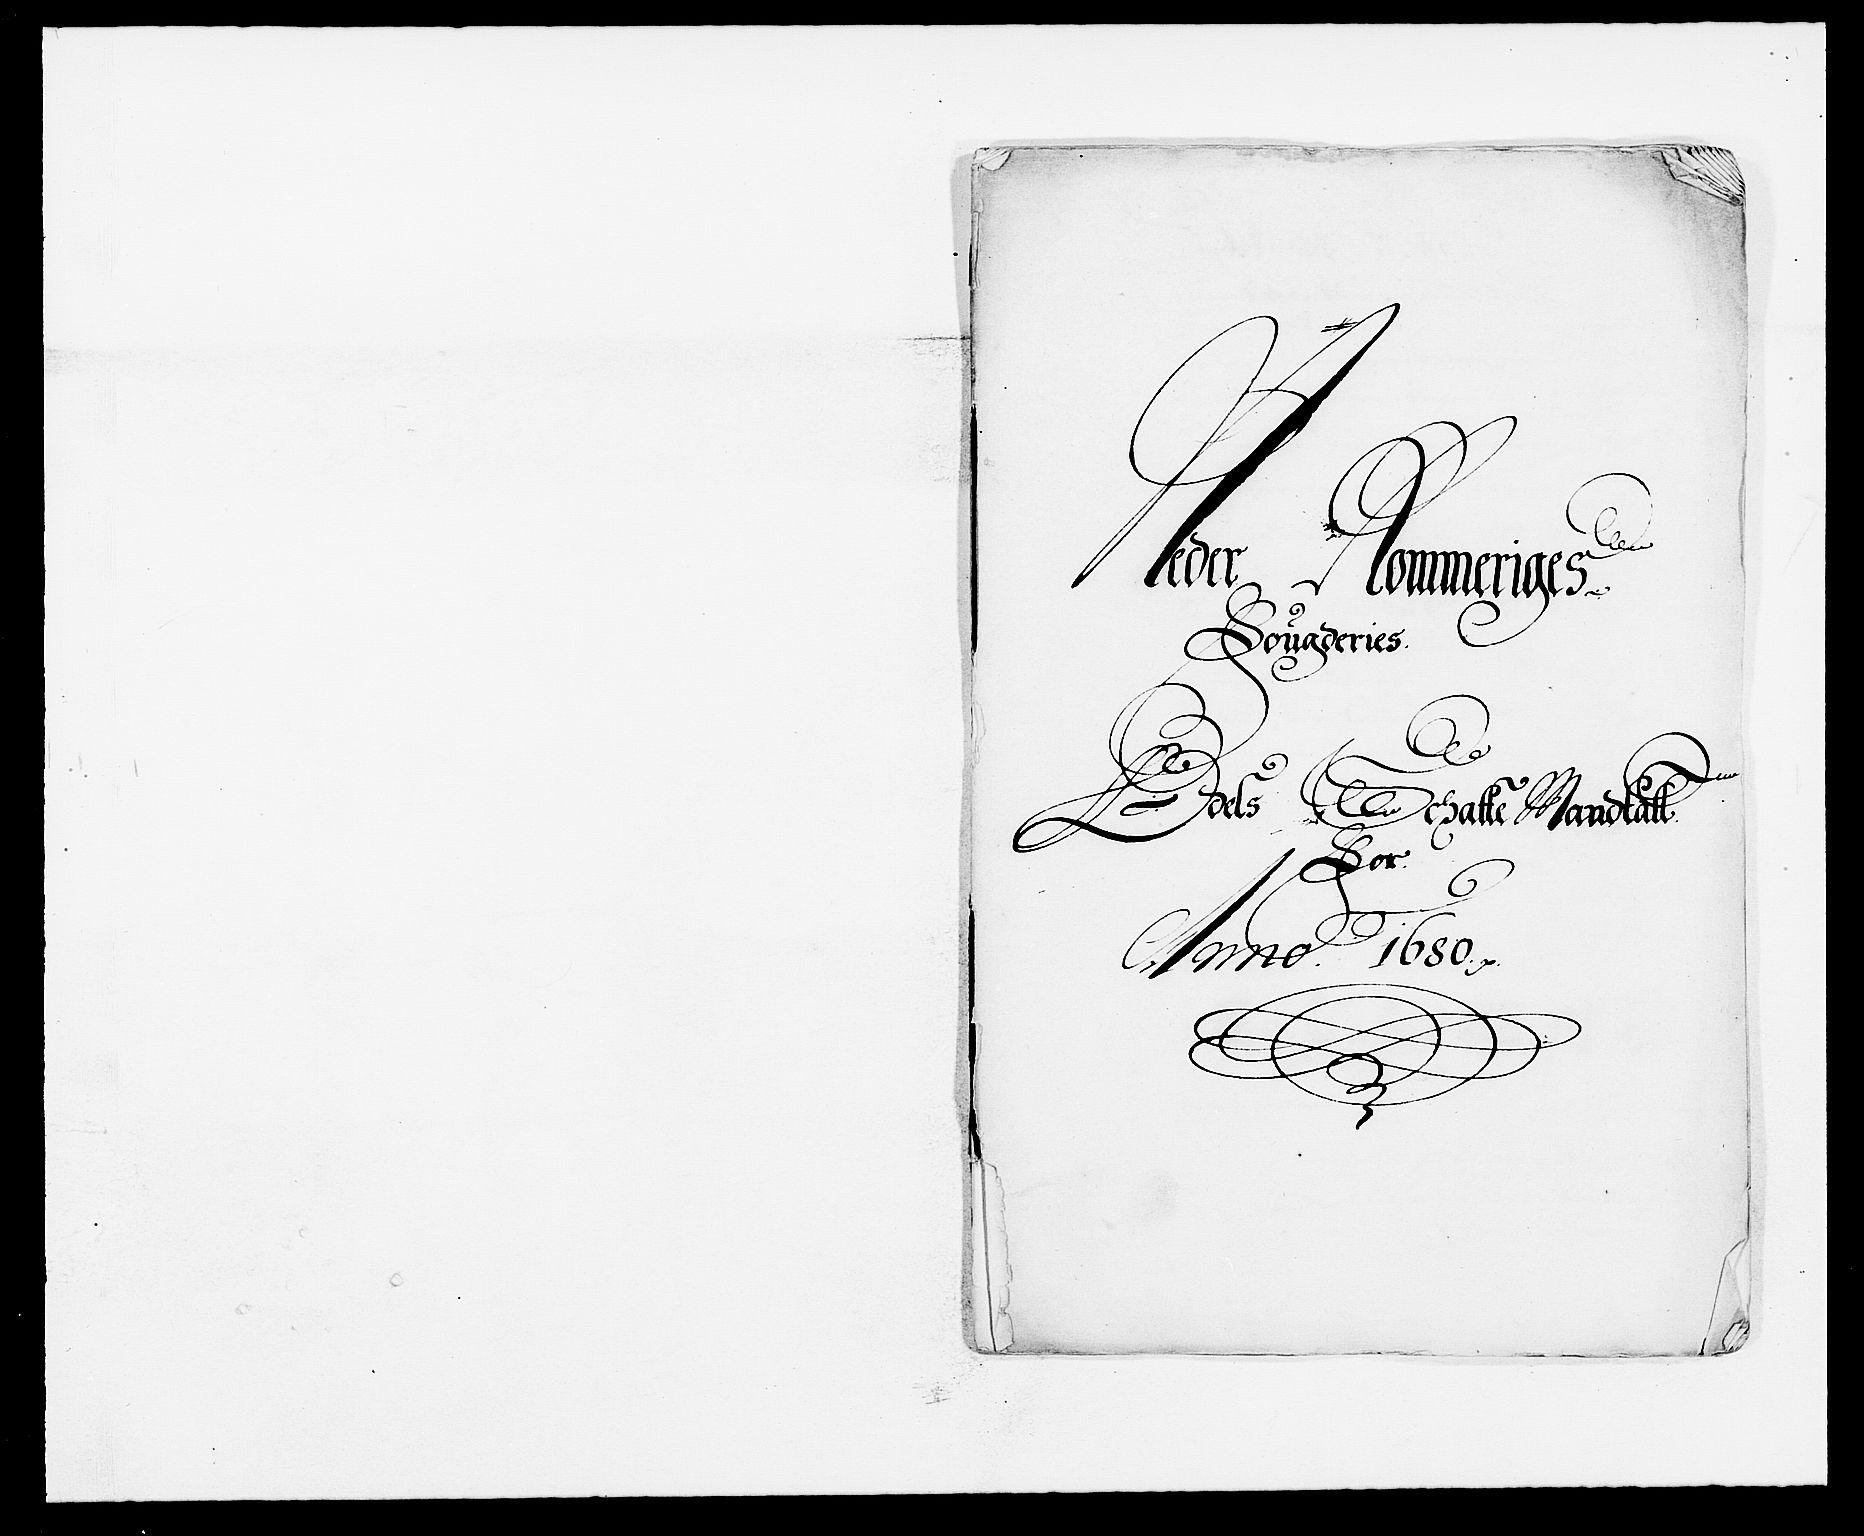 RA, Rentekammeret inntil 1814, Reviderte regnskaper, Fogderegnskap, R11/L0569: Fogderegnskap Nedre Romerike, 1680-1681, s. 119